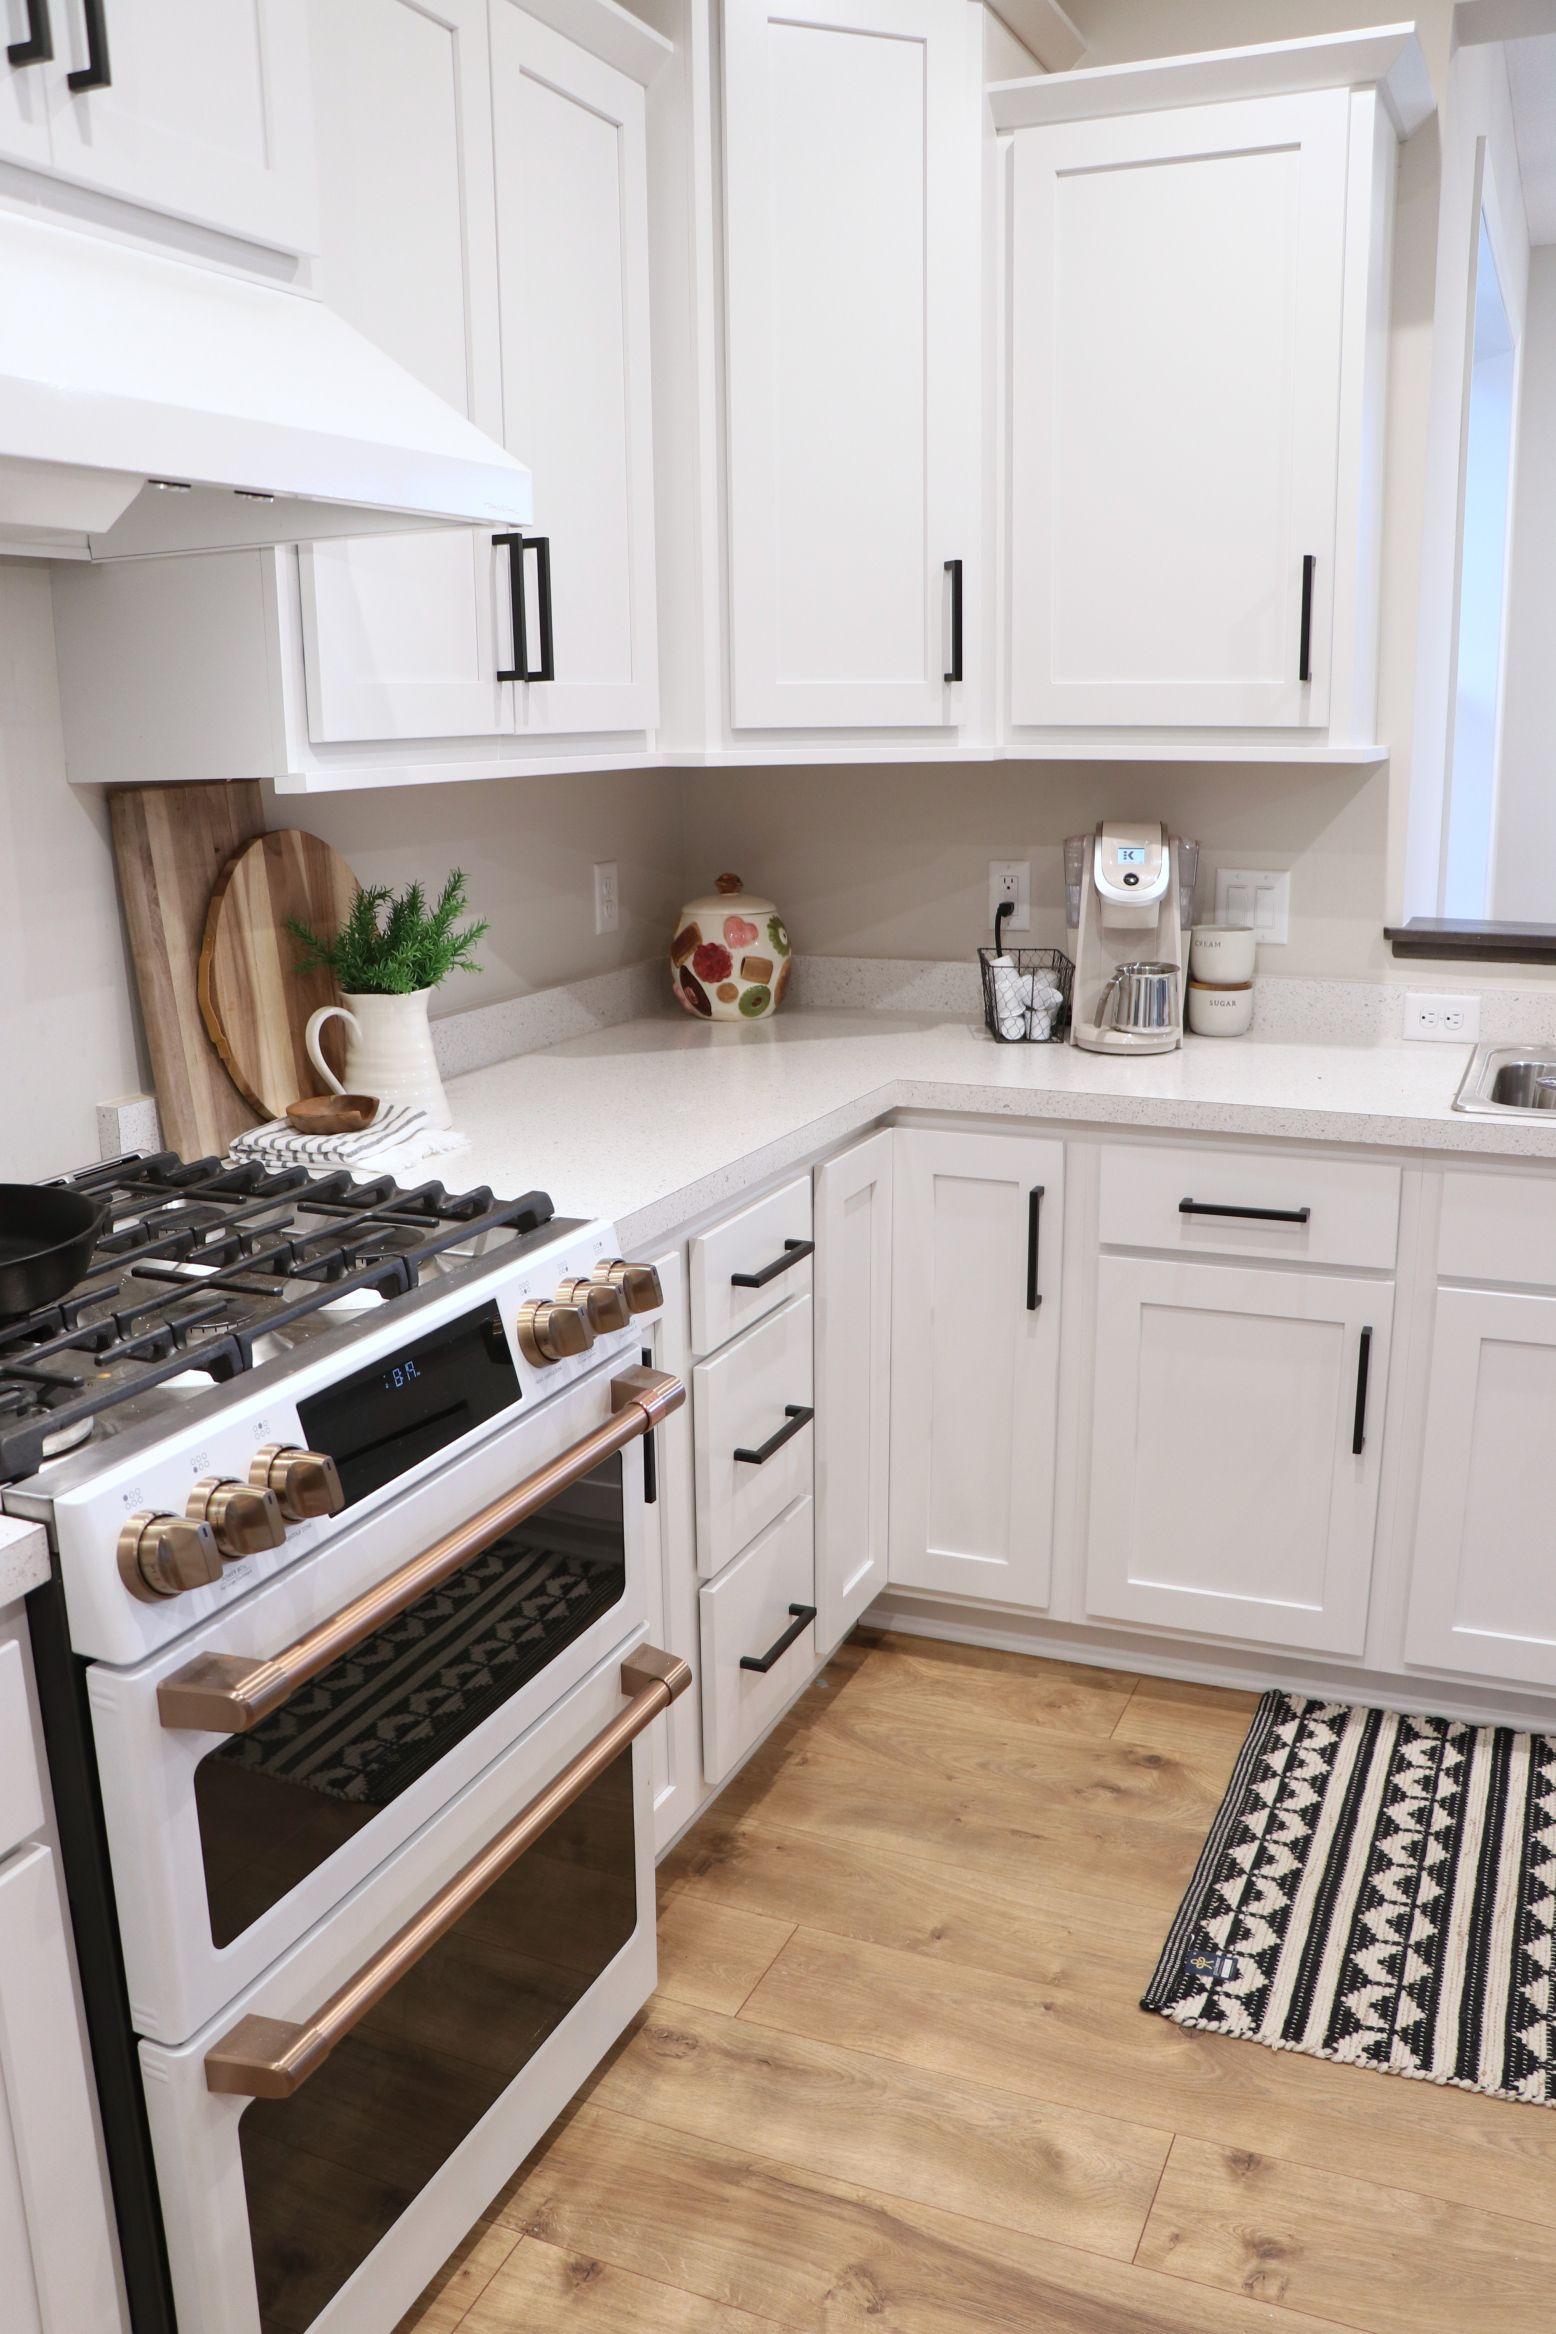 9 White Appliances ideas   white appliances, kitchen design ...